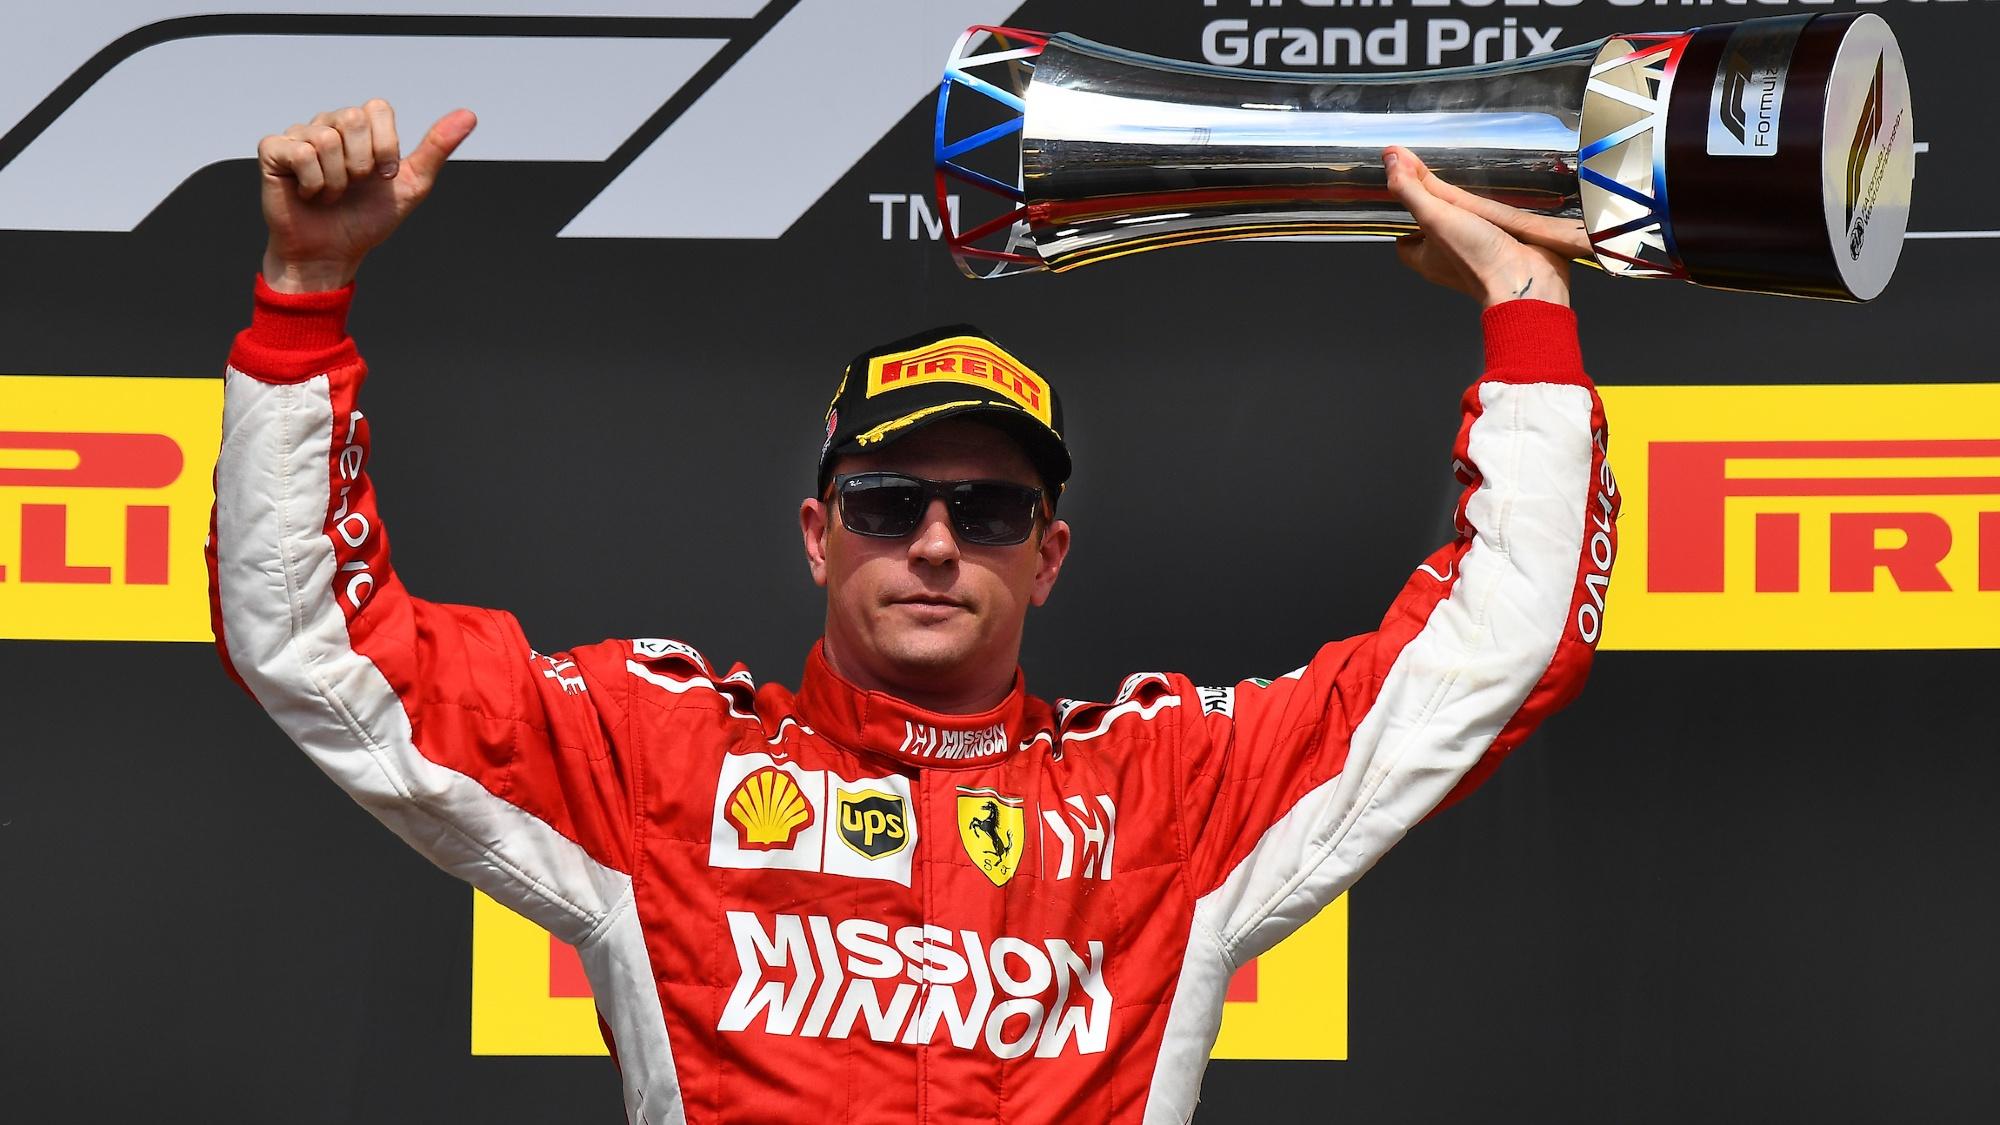 Kimi Raikkonen, 2018 US Grand Prix